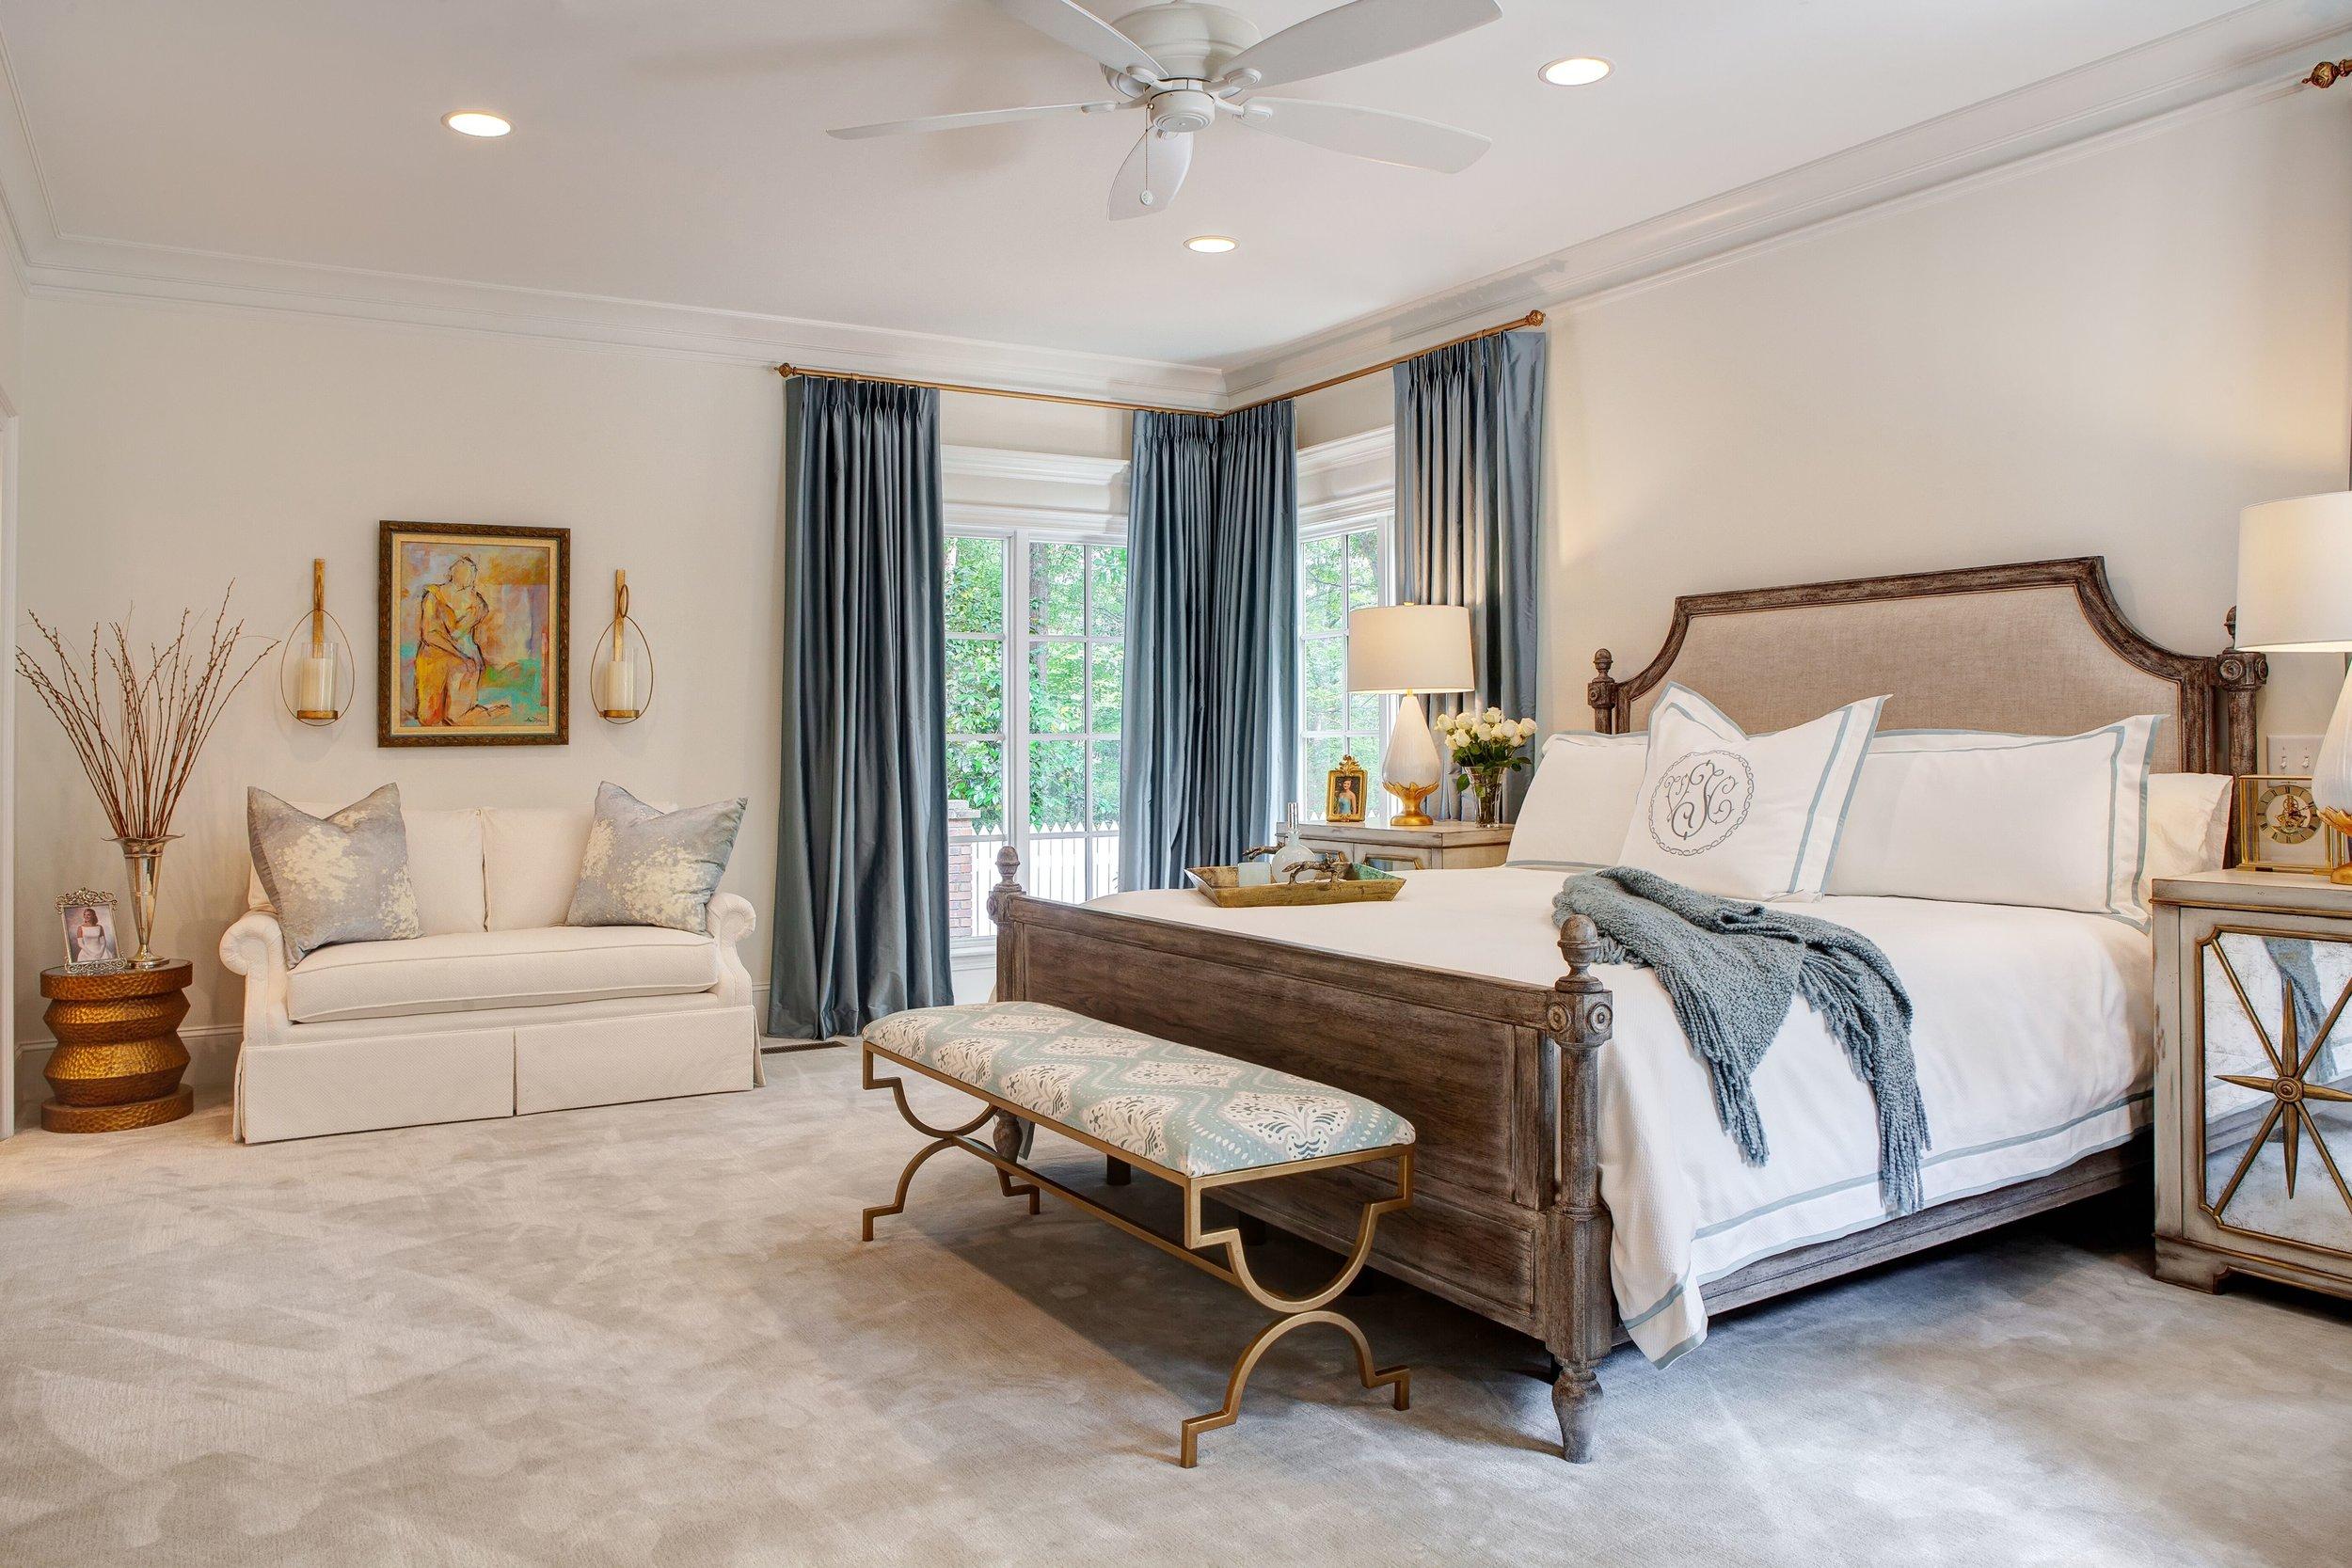 jones bedroom with loveseat.jpeg